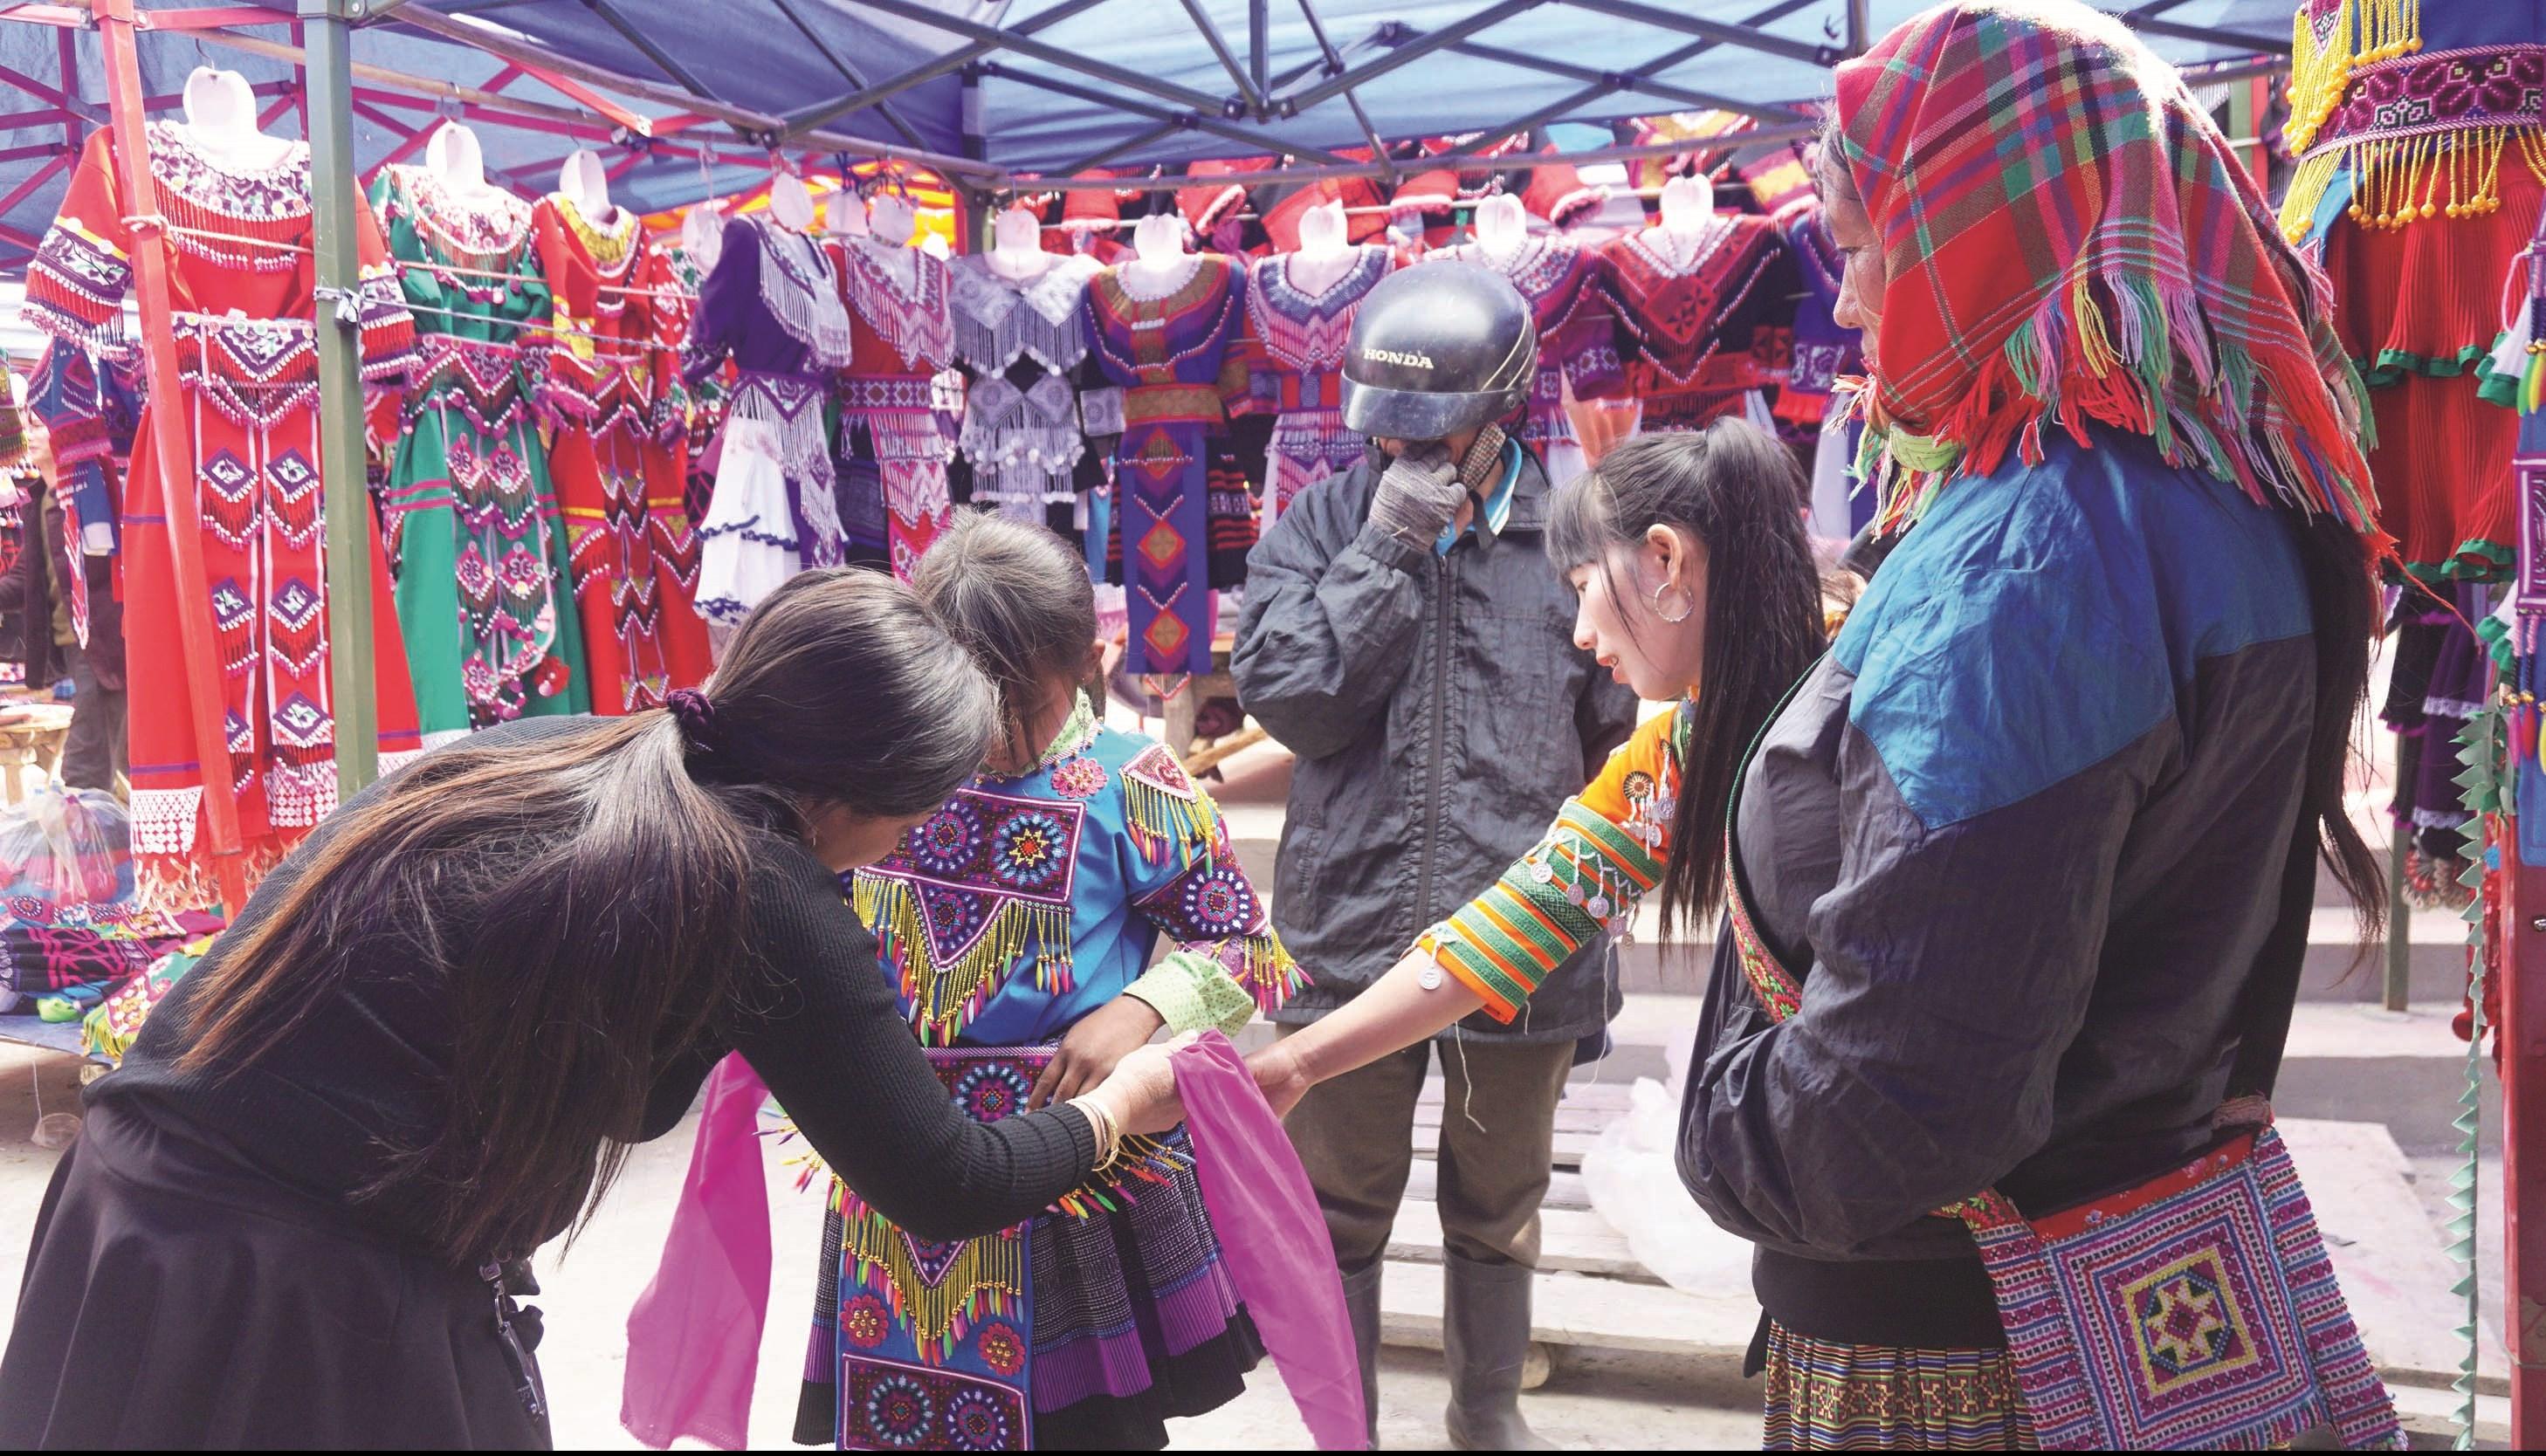 Các bà mẹ tranh thủ xuống chợ mua cho con trẻ bộ váy áo